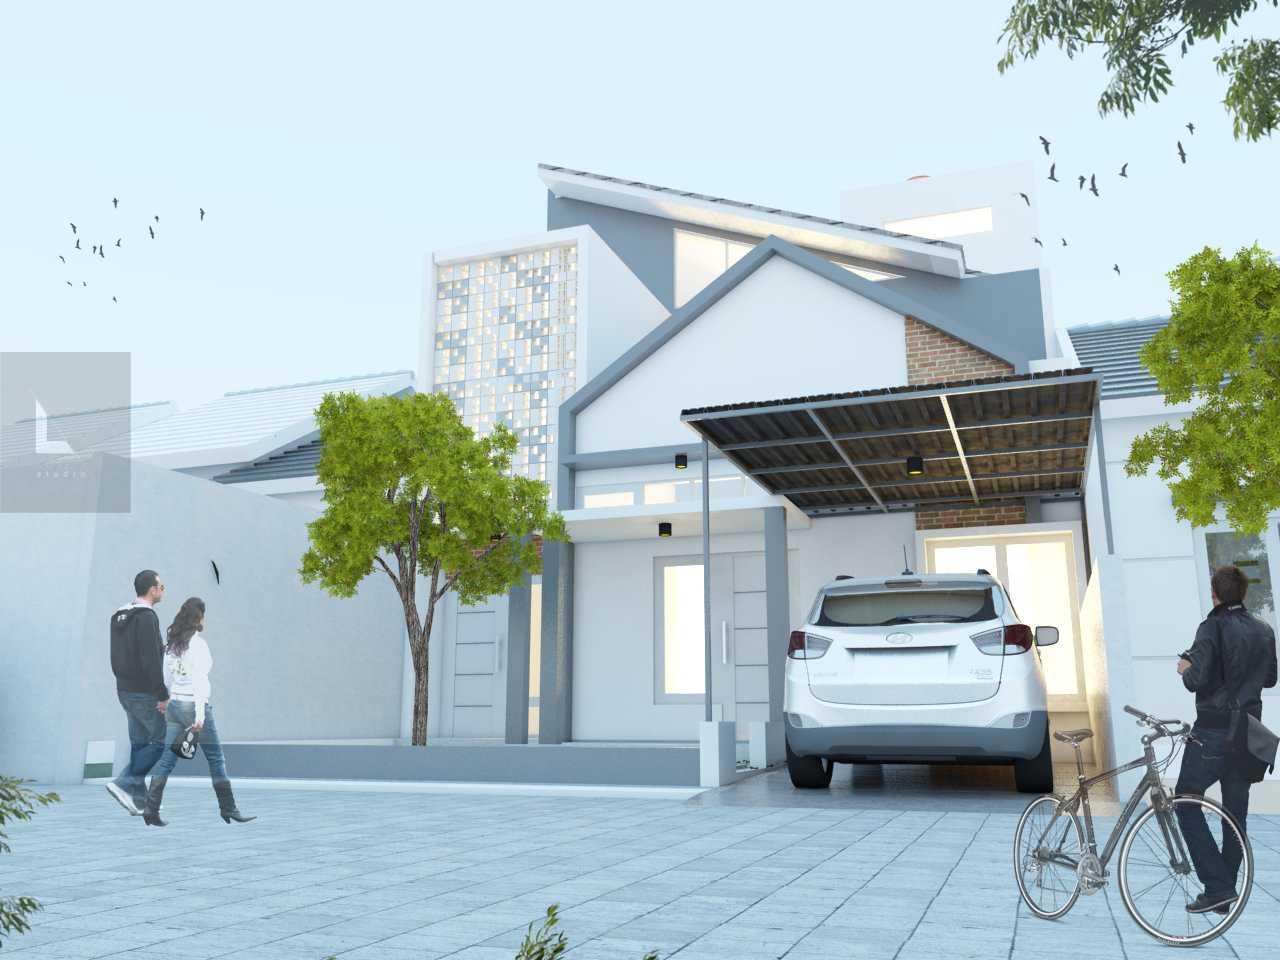 Arz Studio Pekerjaan Renovasi Rumah Bapak Apri  Singosari, Malang, Jawa Timur, Indonesia Singosari, Malang, Jawa Timur, Indonesia Pcc4 Minimalis  42683